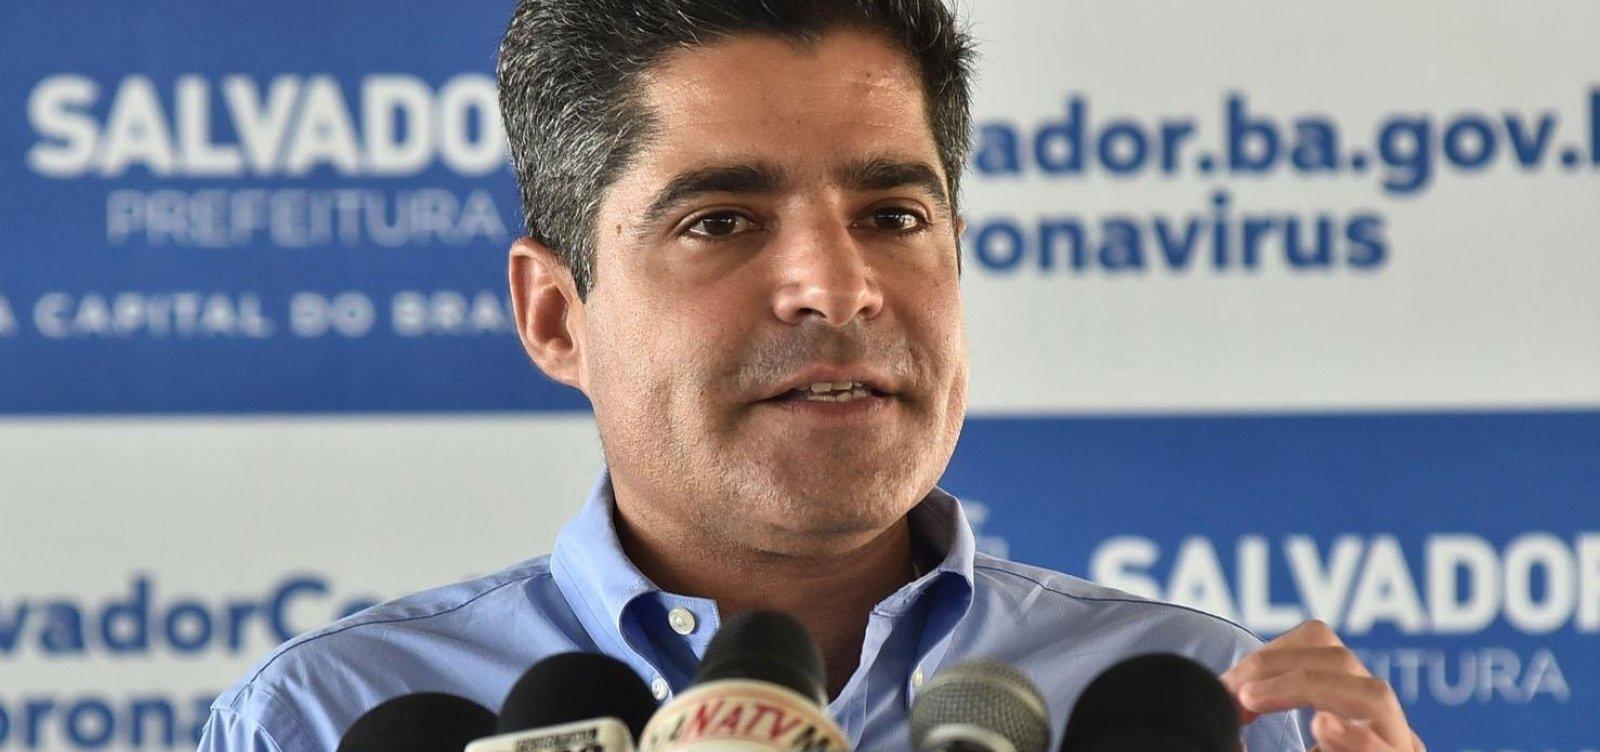 [Prefeitura anuncia testes rápidos de Covid-19 nas ruas de Salvador]